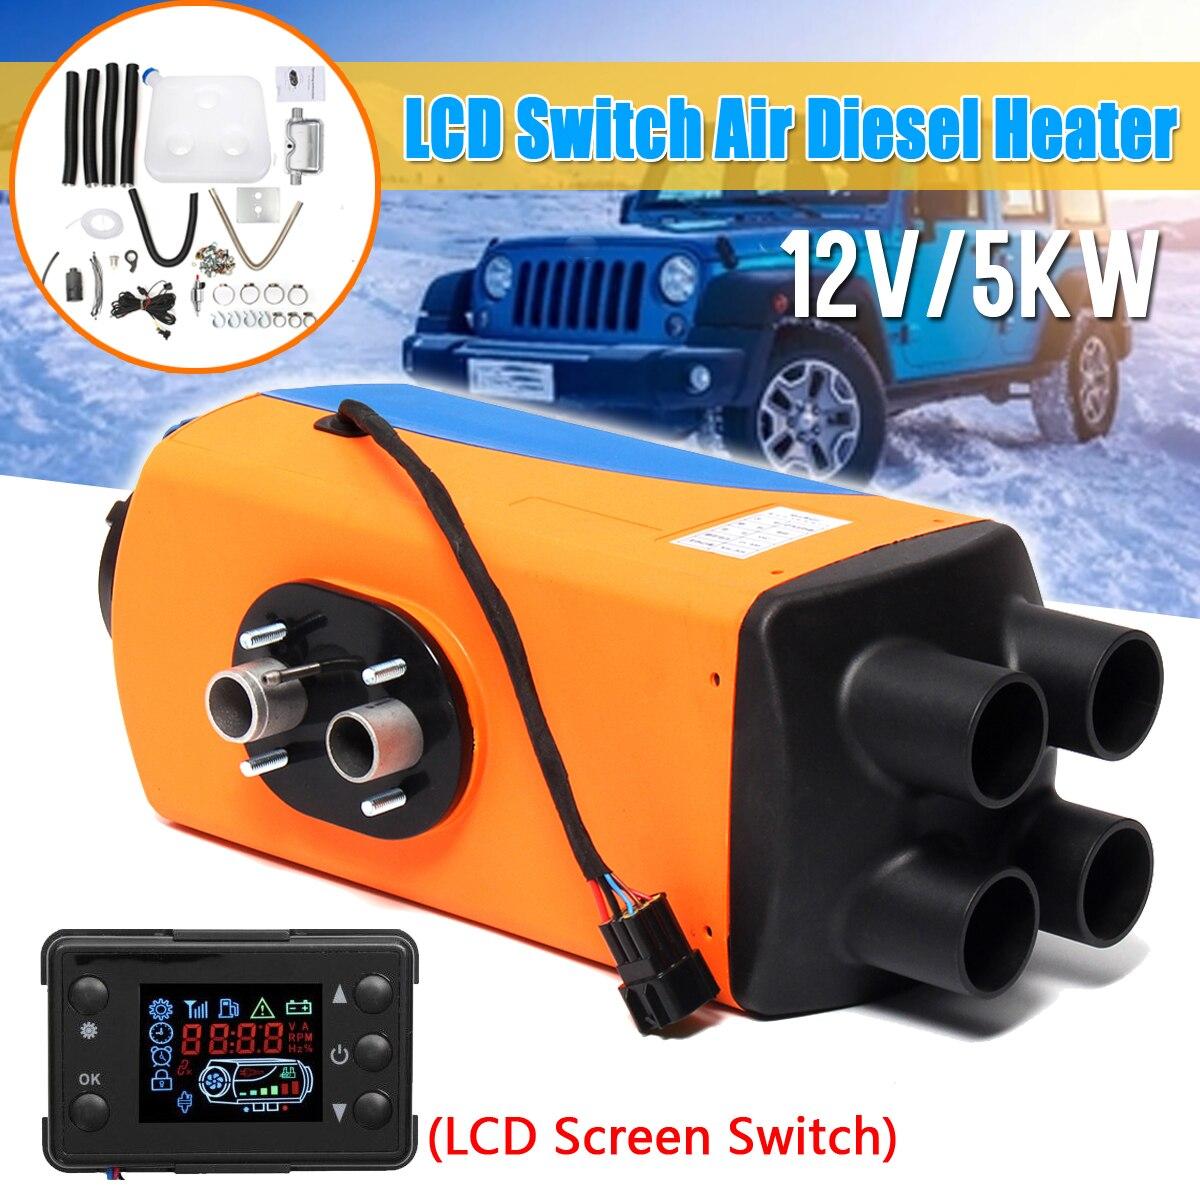 12 В/24 В 3KW/5KW Air дизелей нагреватель стояночный отопитель дизелей нагреватель с удаленным ЖК-дисплей цифровой дисплей для лодки Motorhome трейлер